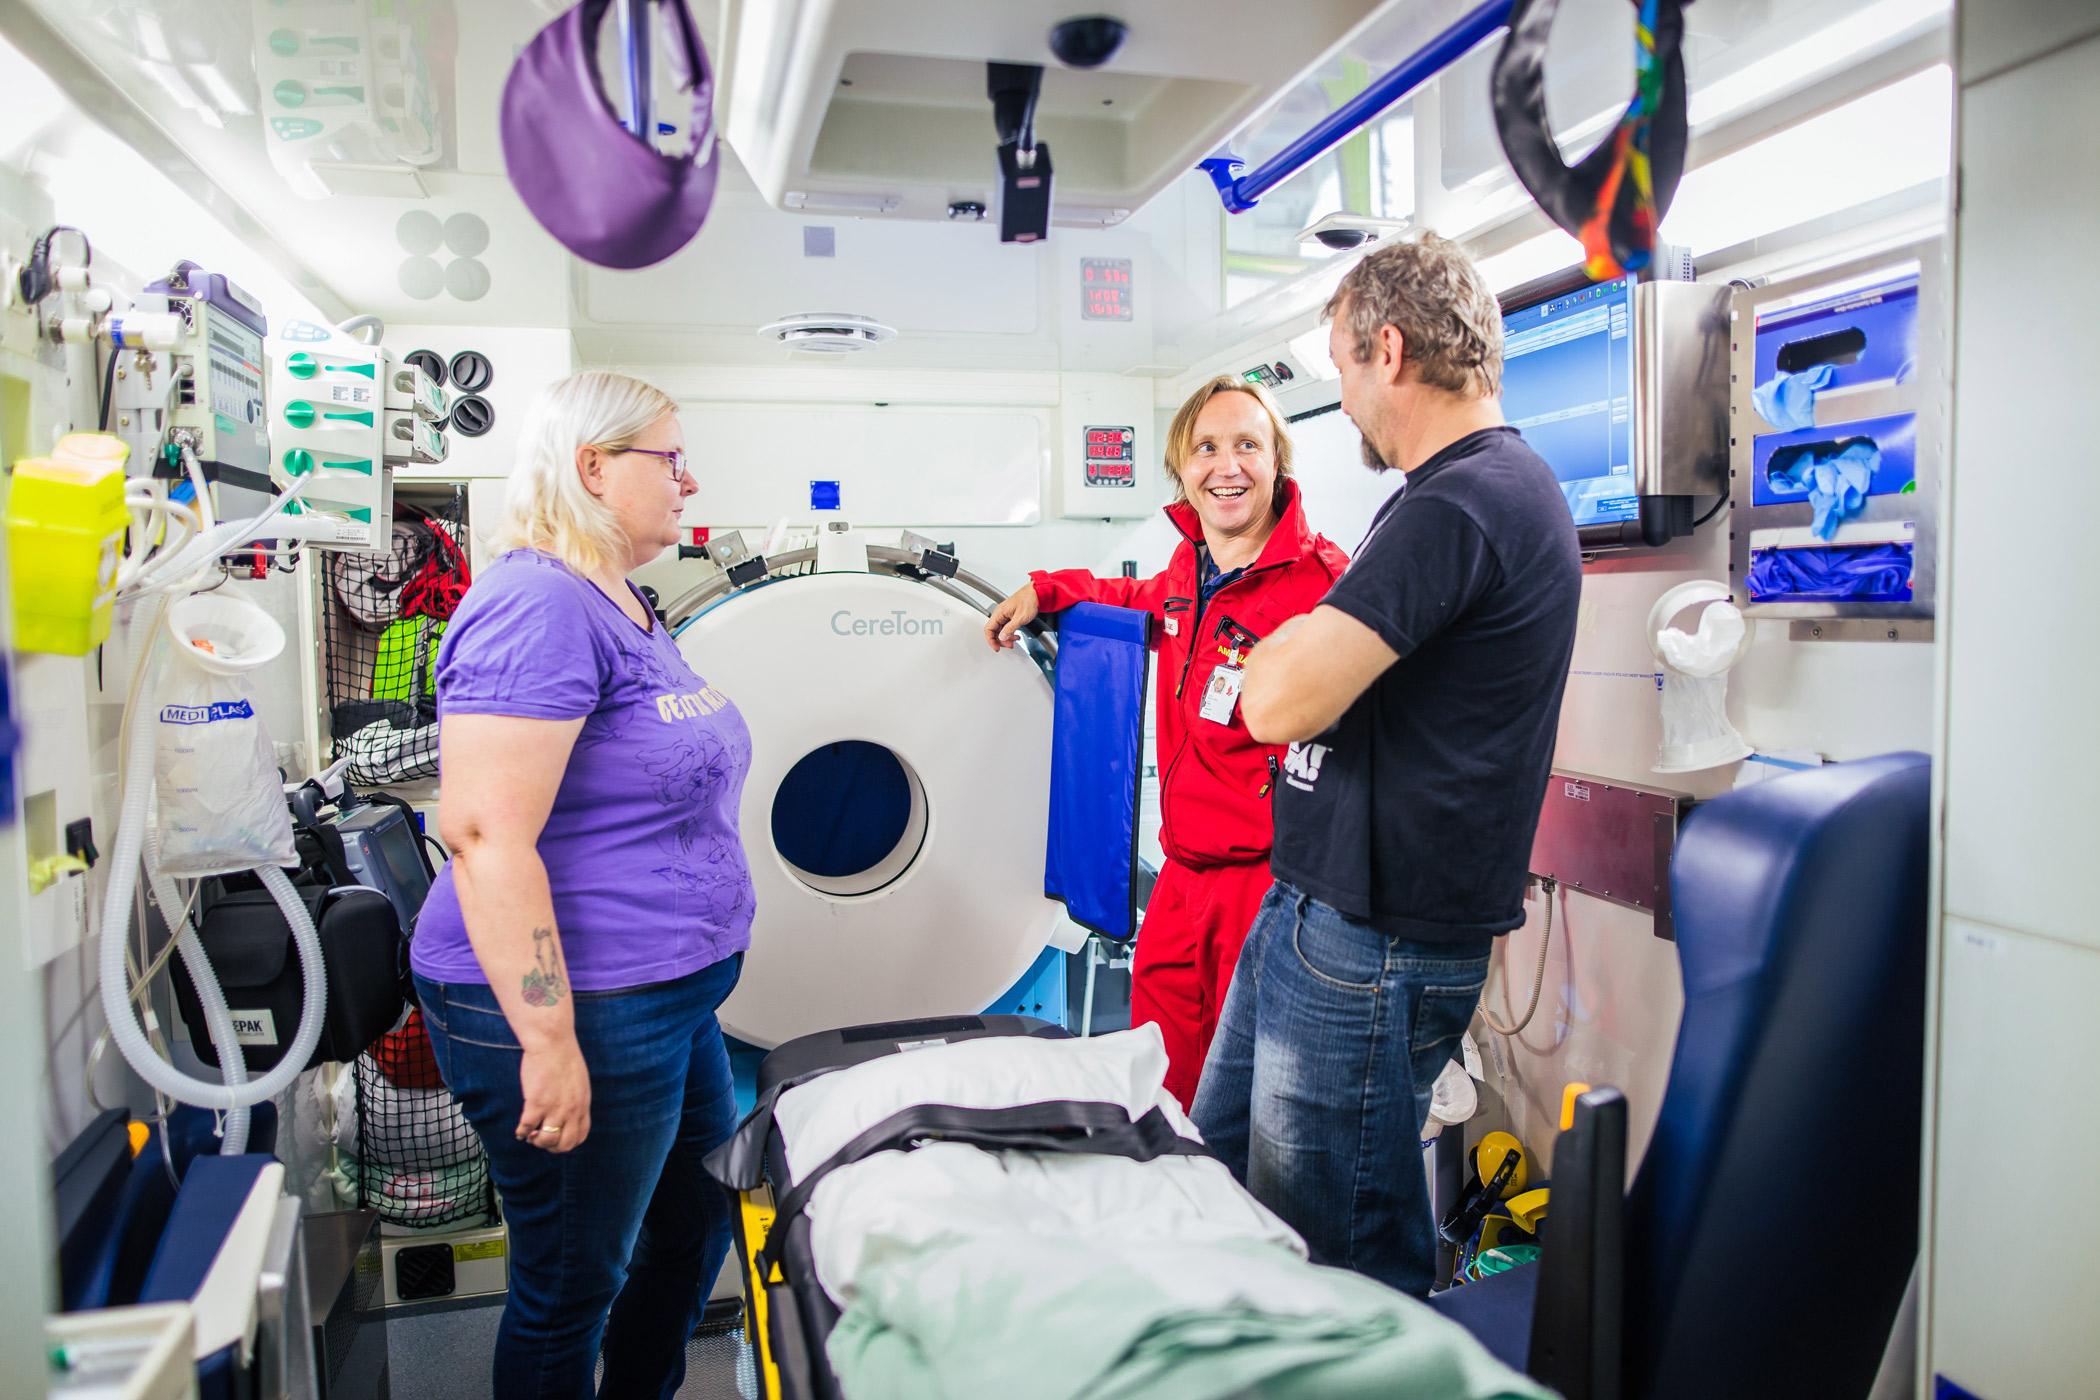 Lege og pasient snakker sammen inne i slagambulansen.